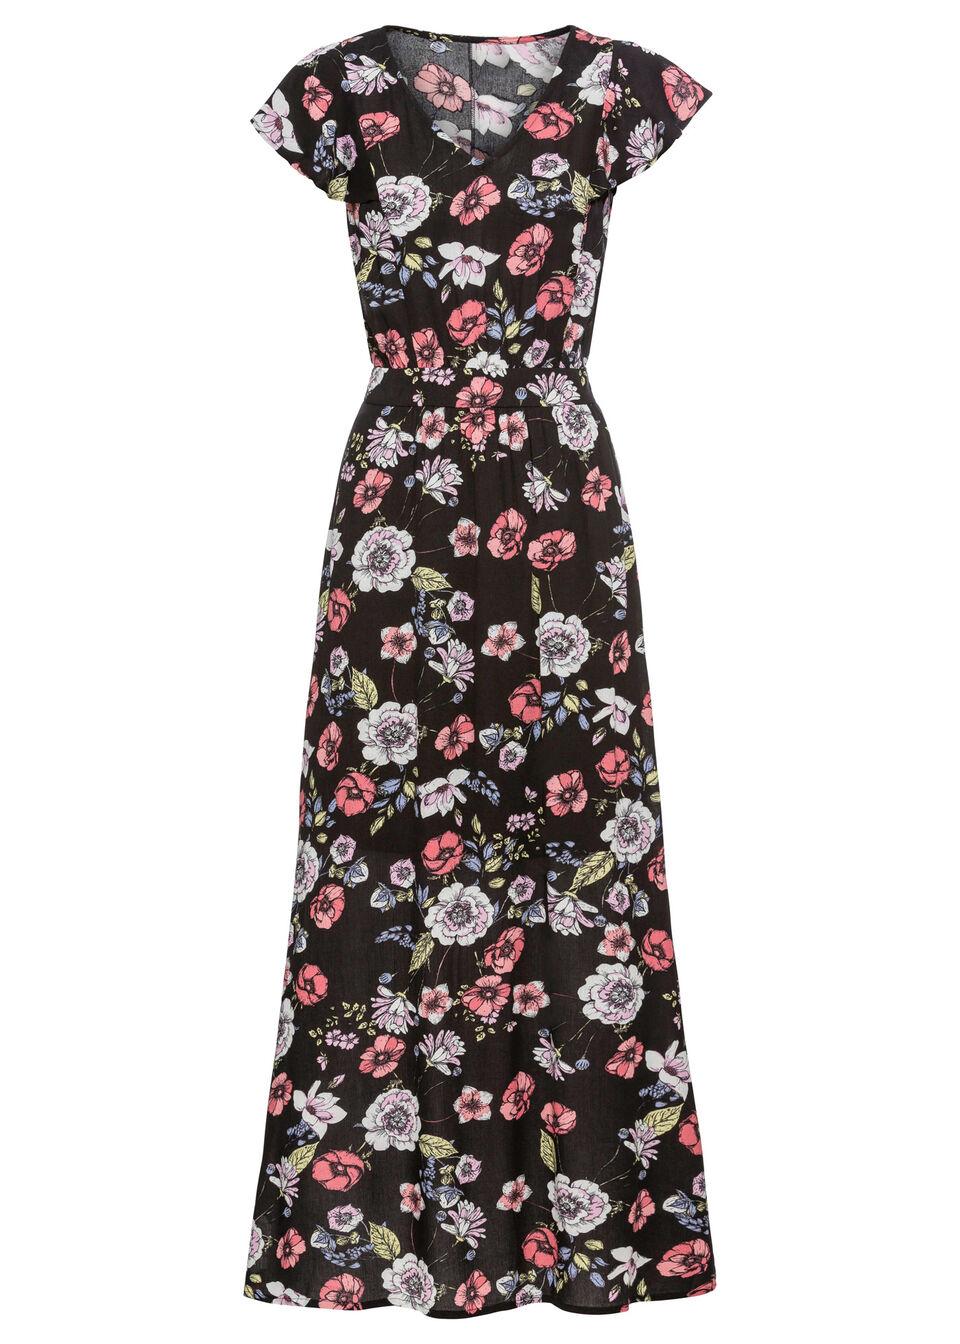 Купить Платья, Макси-платье с принтом и воланами, bonprix, черный в цветочек